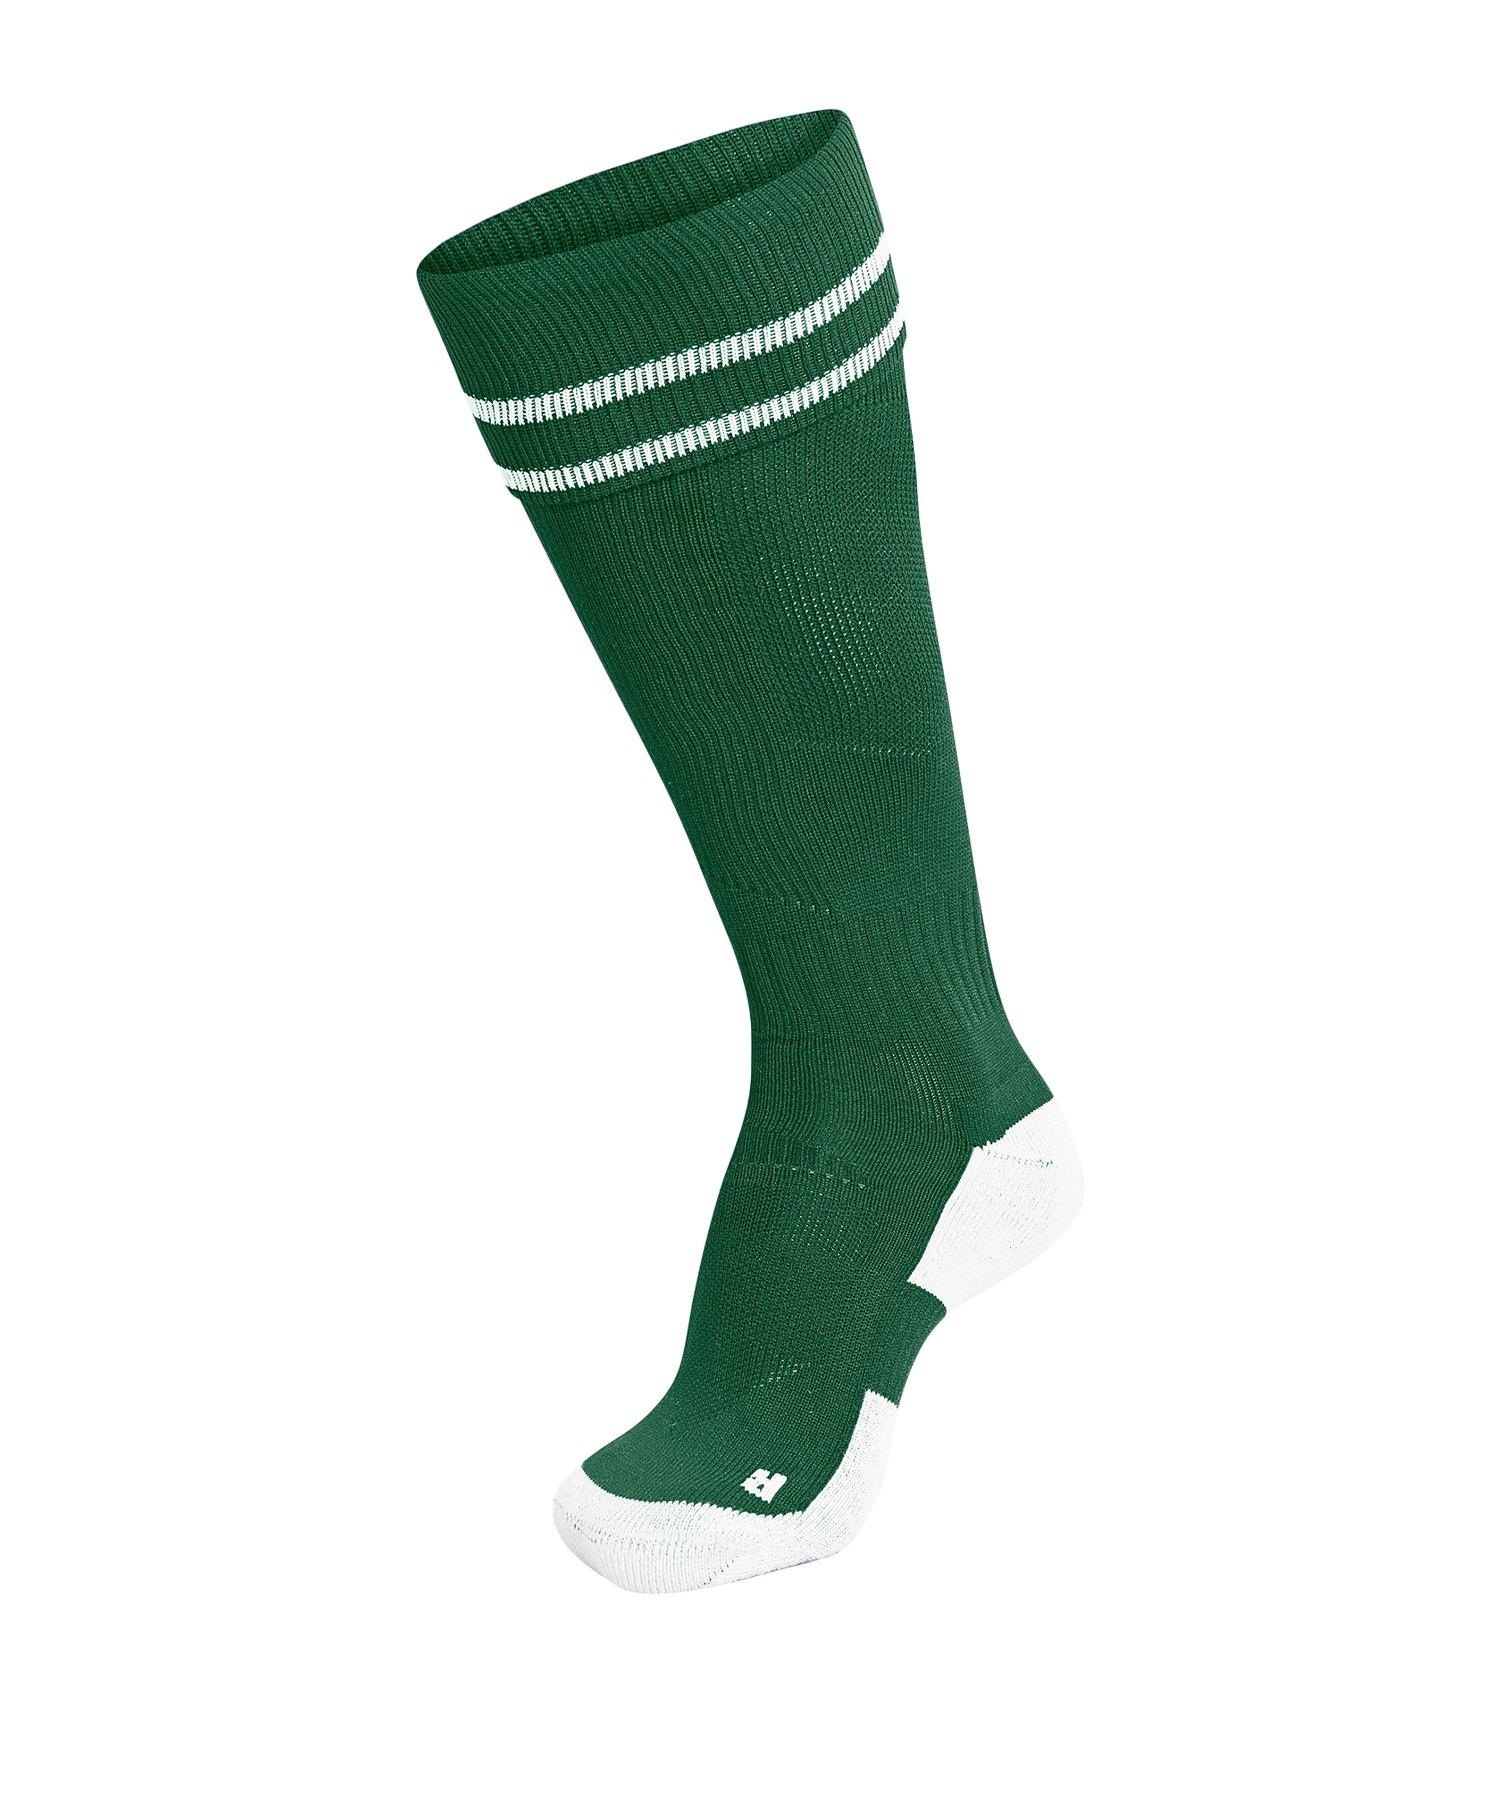 Hummel Football Sock Socken Grün F6131 - Gruen